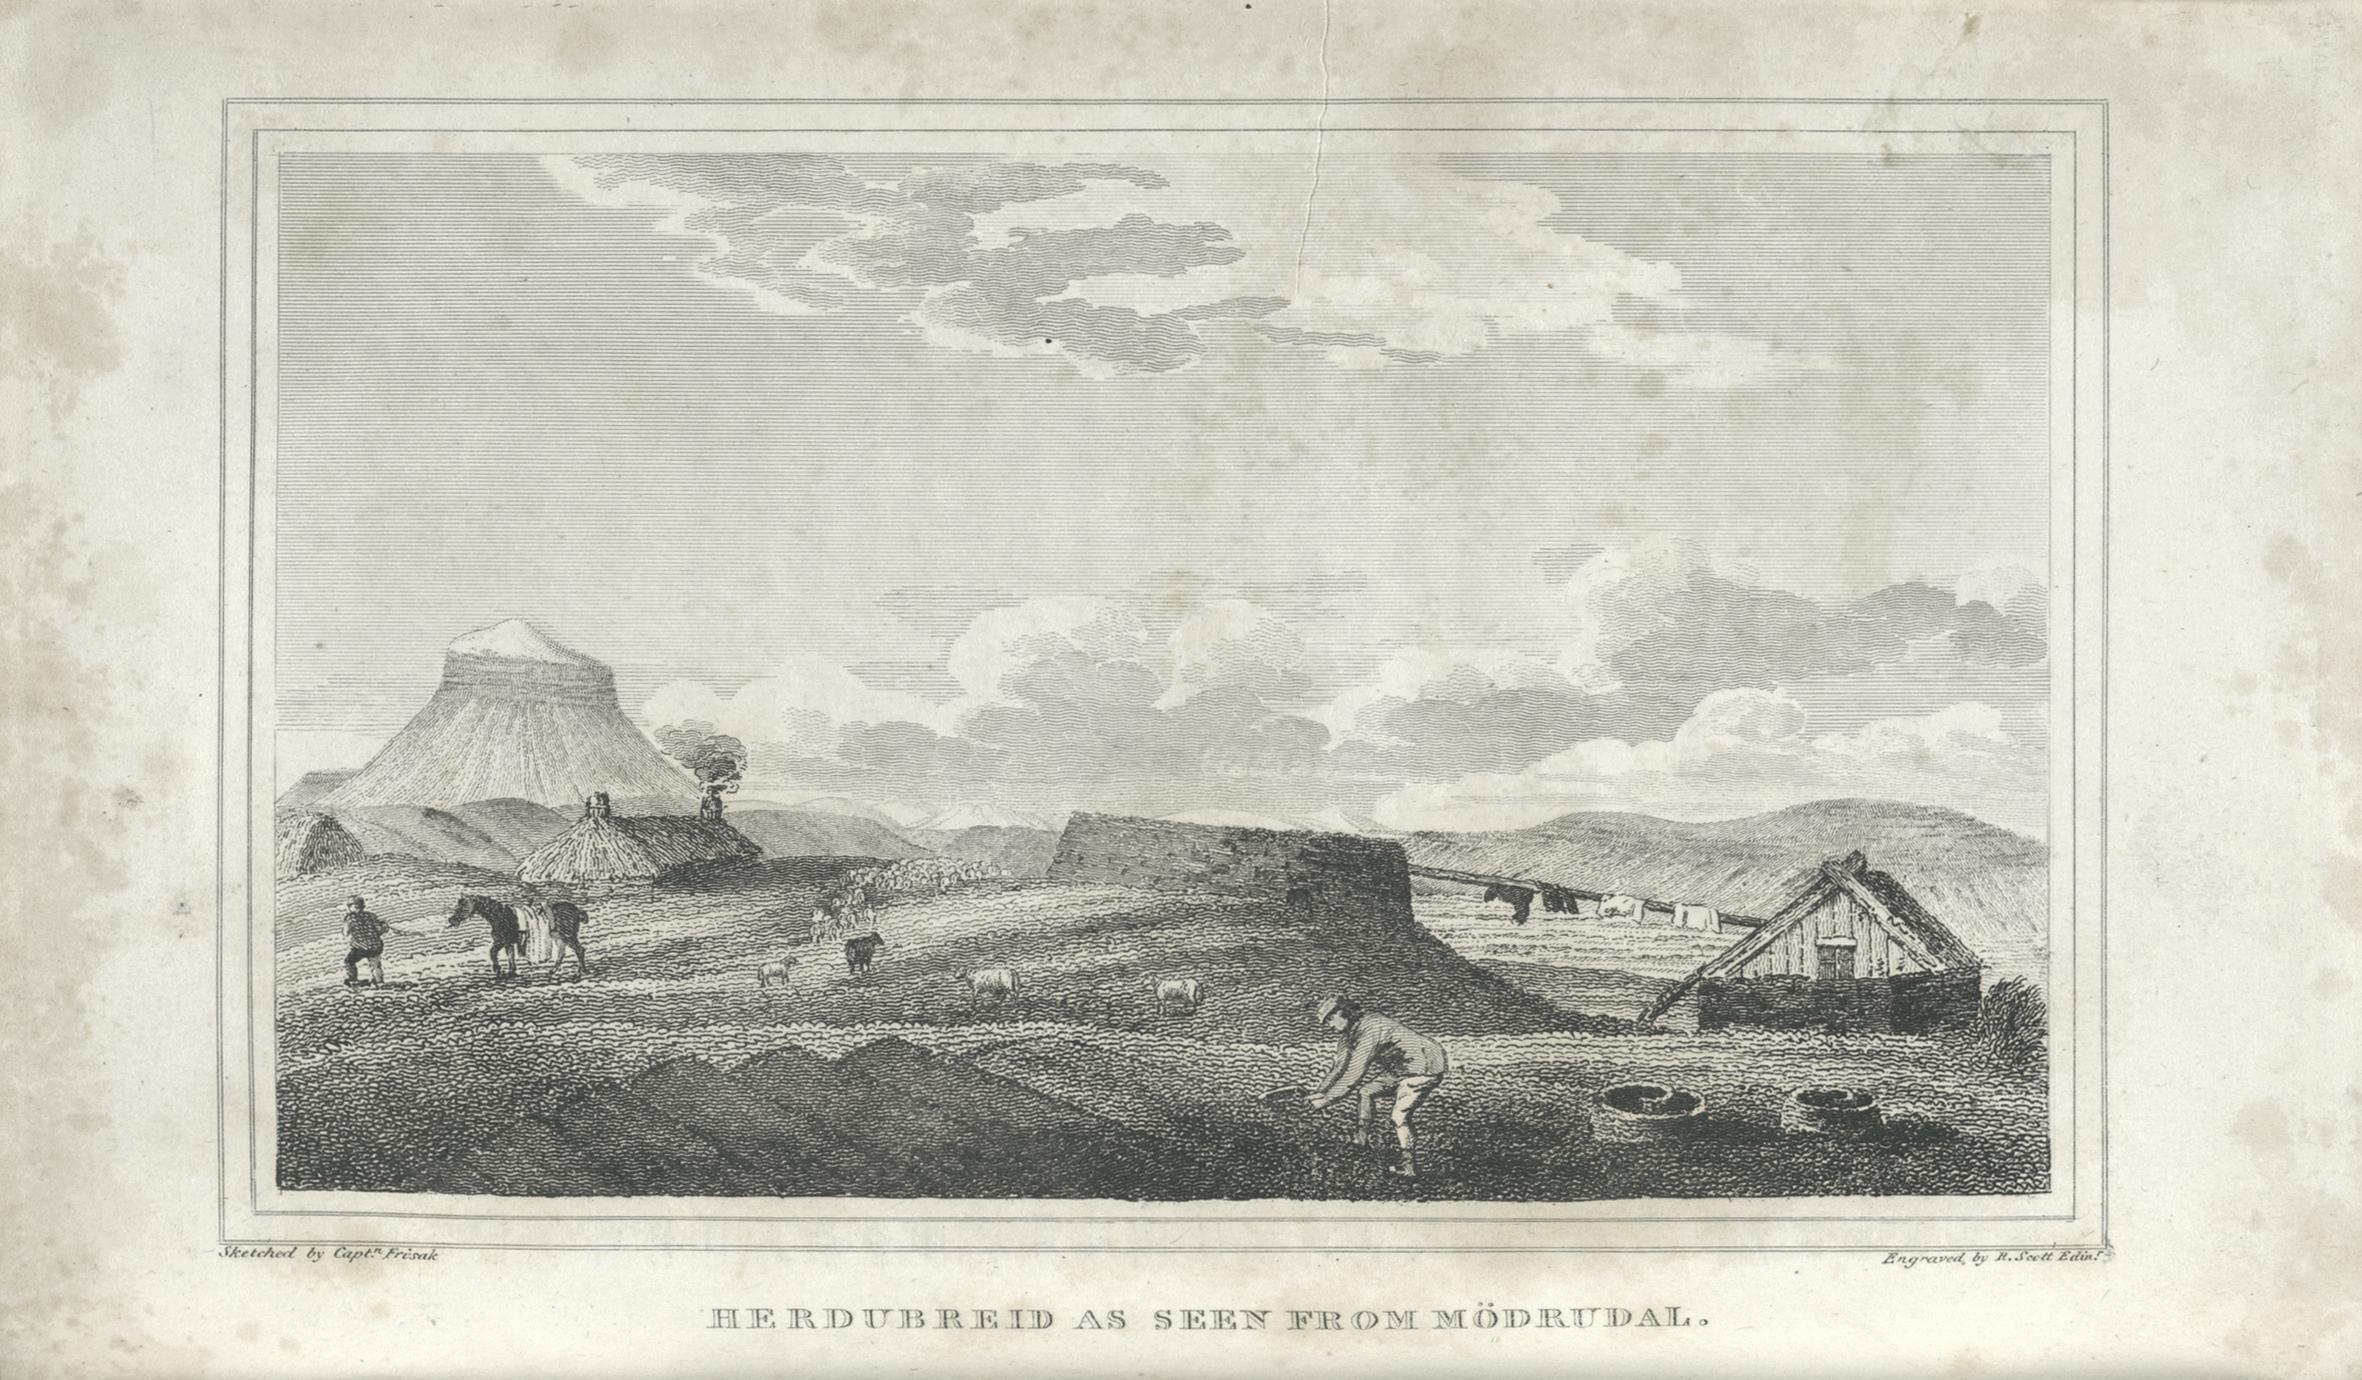 Herdubreid as seen from Mödrudal.